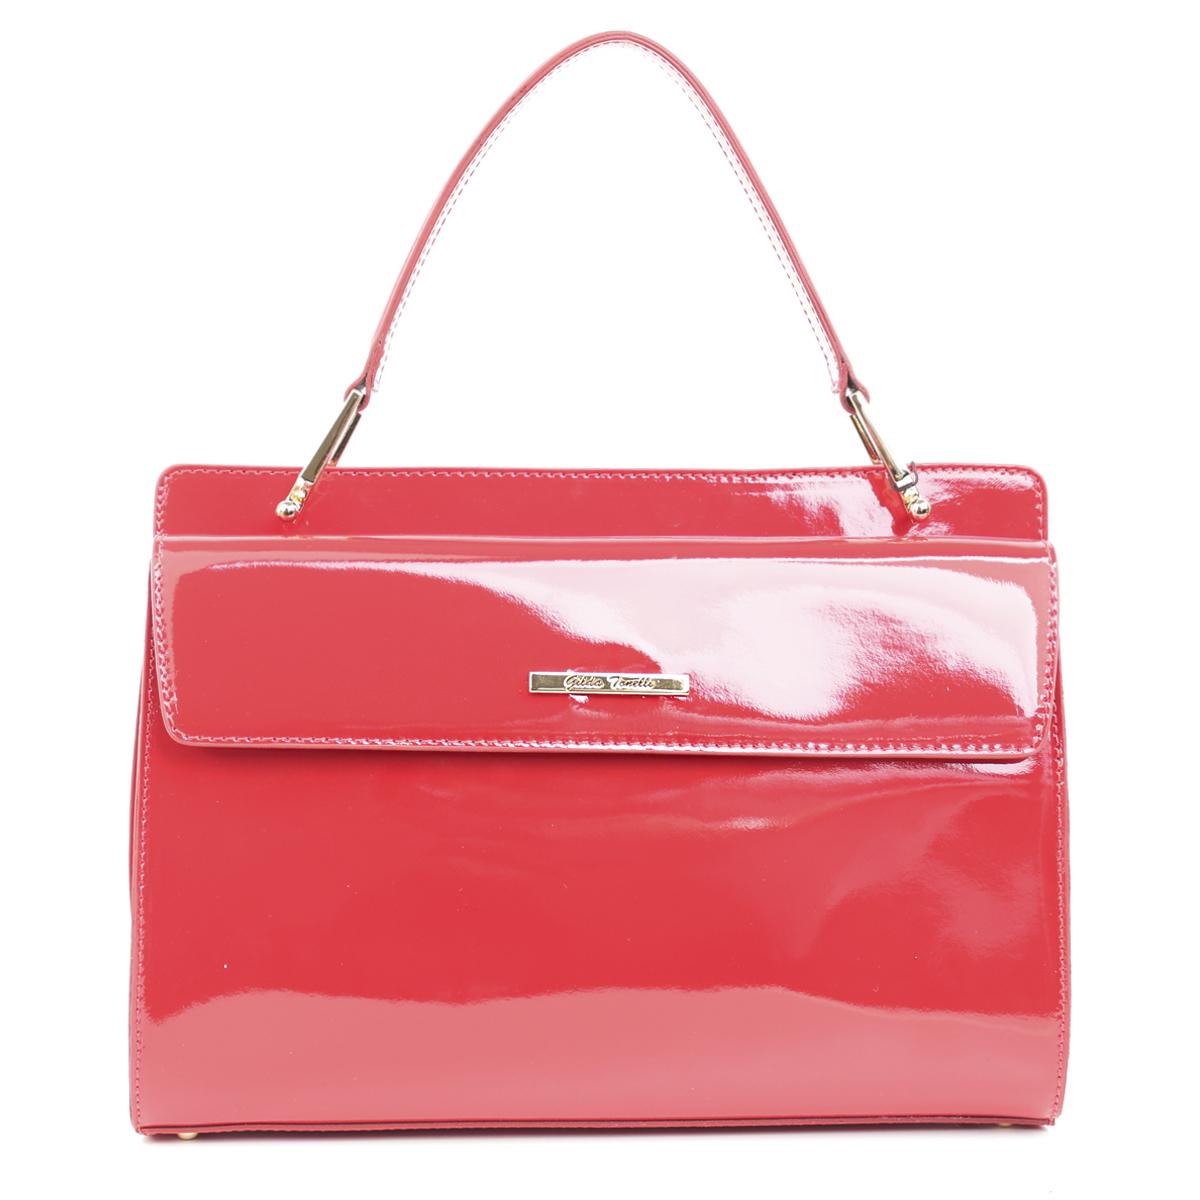 48bb31376e8d Купить женскую сумку Gilda Tonelli в интернет-магазине Bagroom